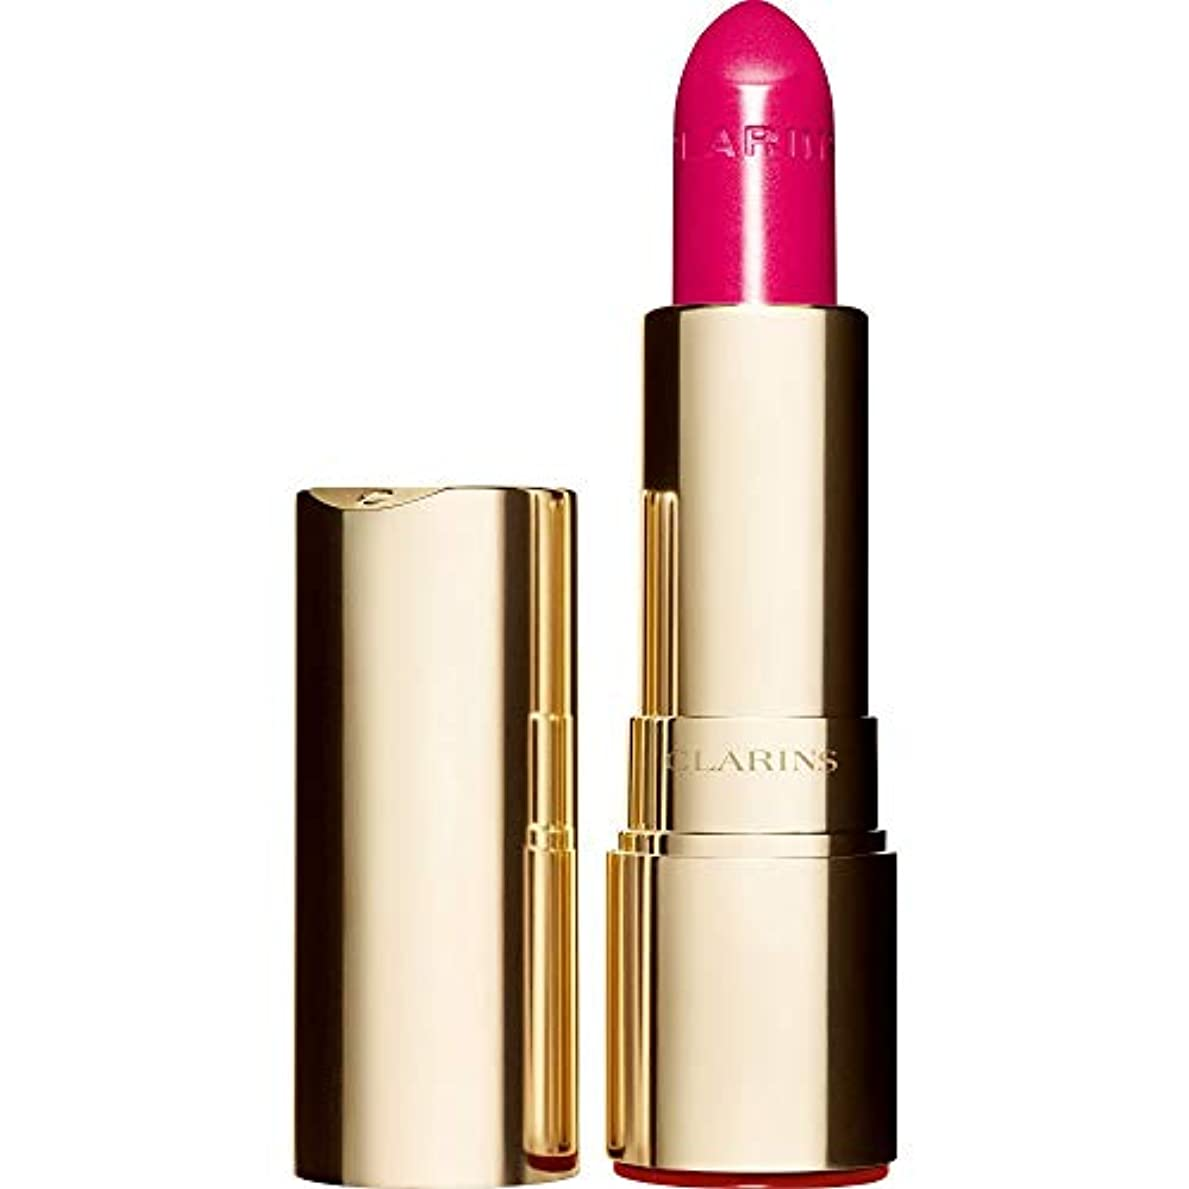 エジプトワンダーベース[Clarins ] クラランスジョリルージュブリリアント口紅3.5グラムの713S - ホットピンク - Clarins Joli Rouge Brillant Lipstick 3.5g 713S - Hot Pink...